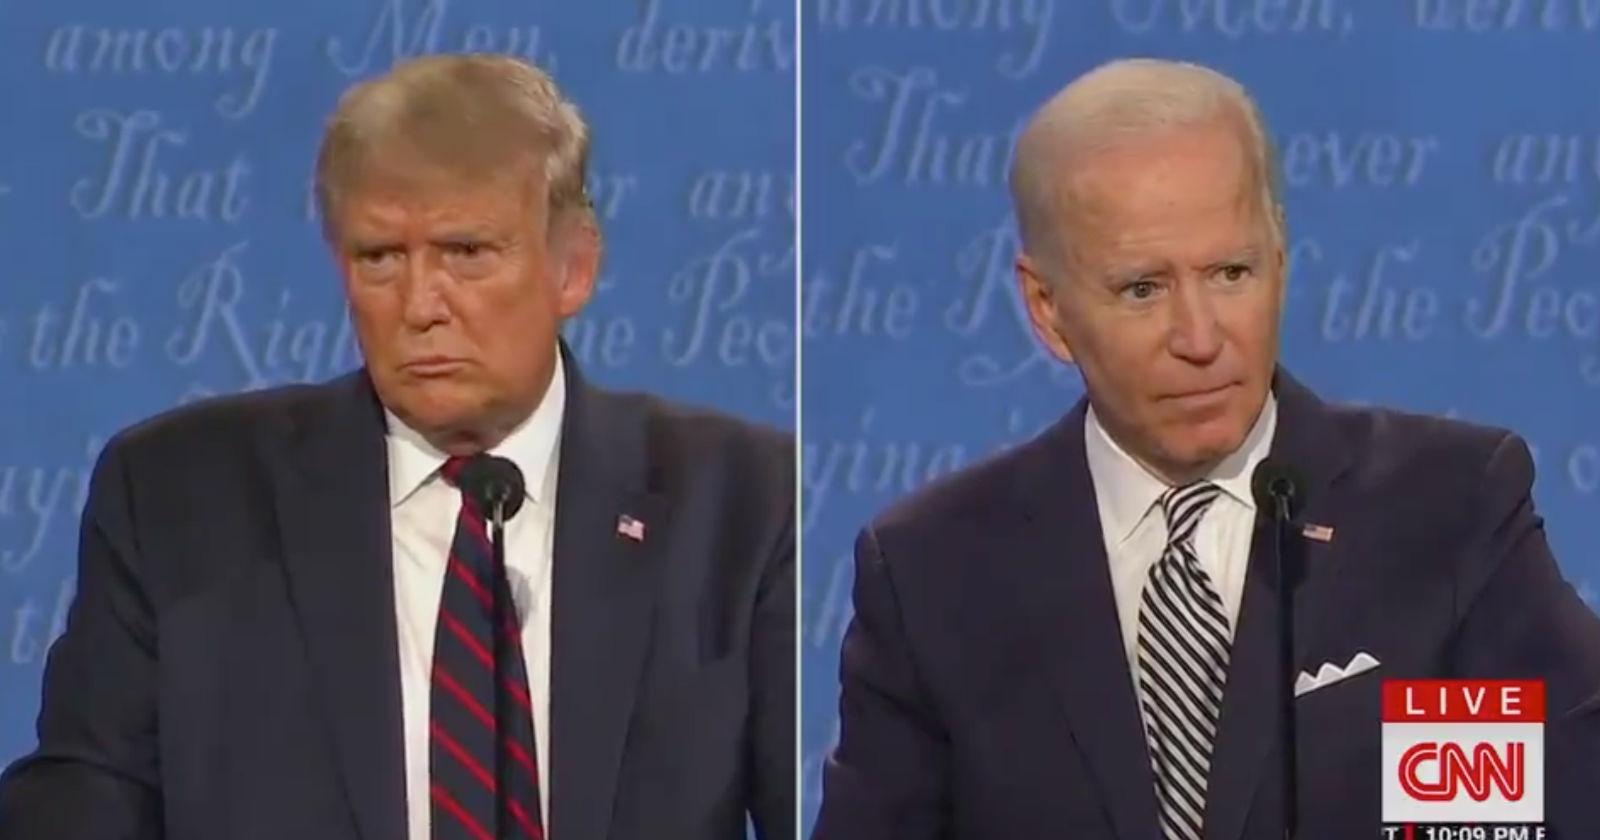 Así reaccionaron las celebridades al comentado debate de Trump y Biden